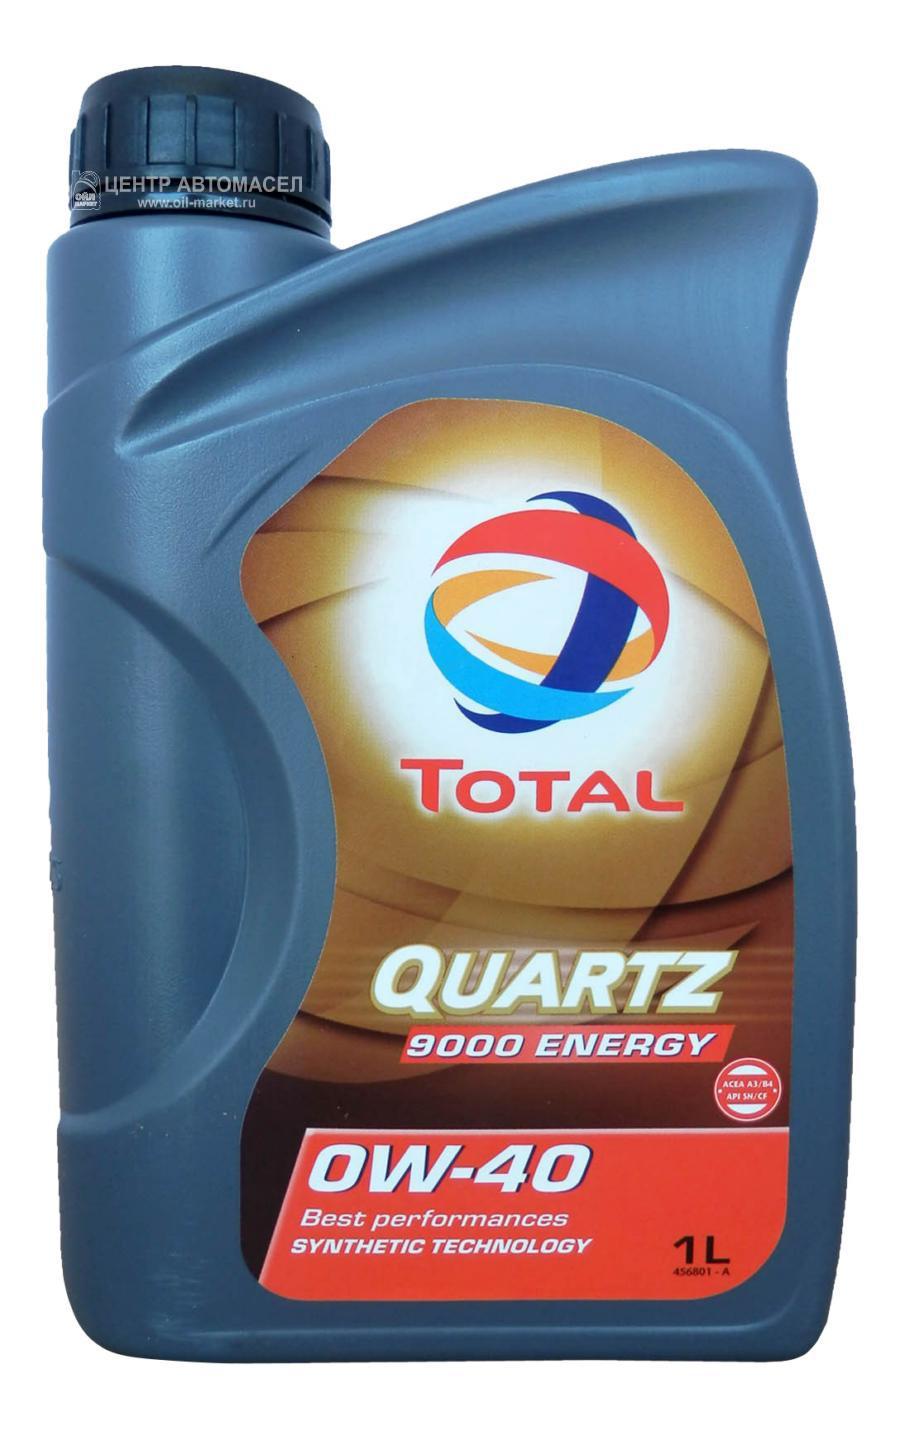 Масло моторное синтетическое QUARTZ 9000 ENERGY 0W-40, 1л